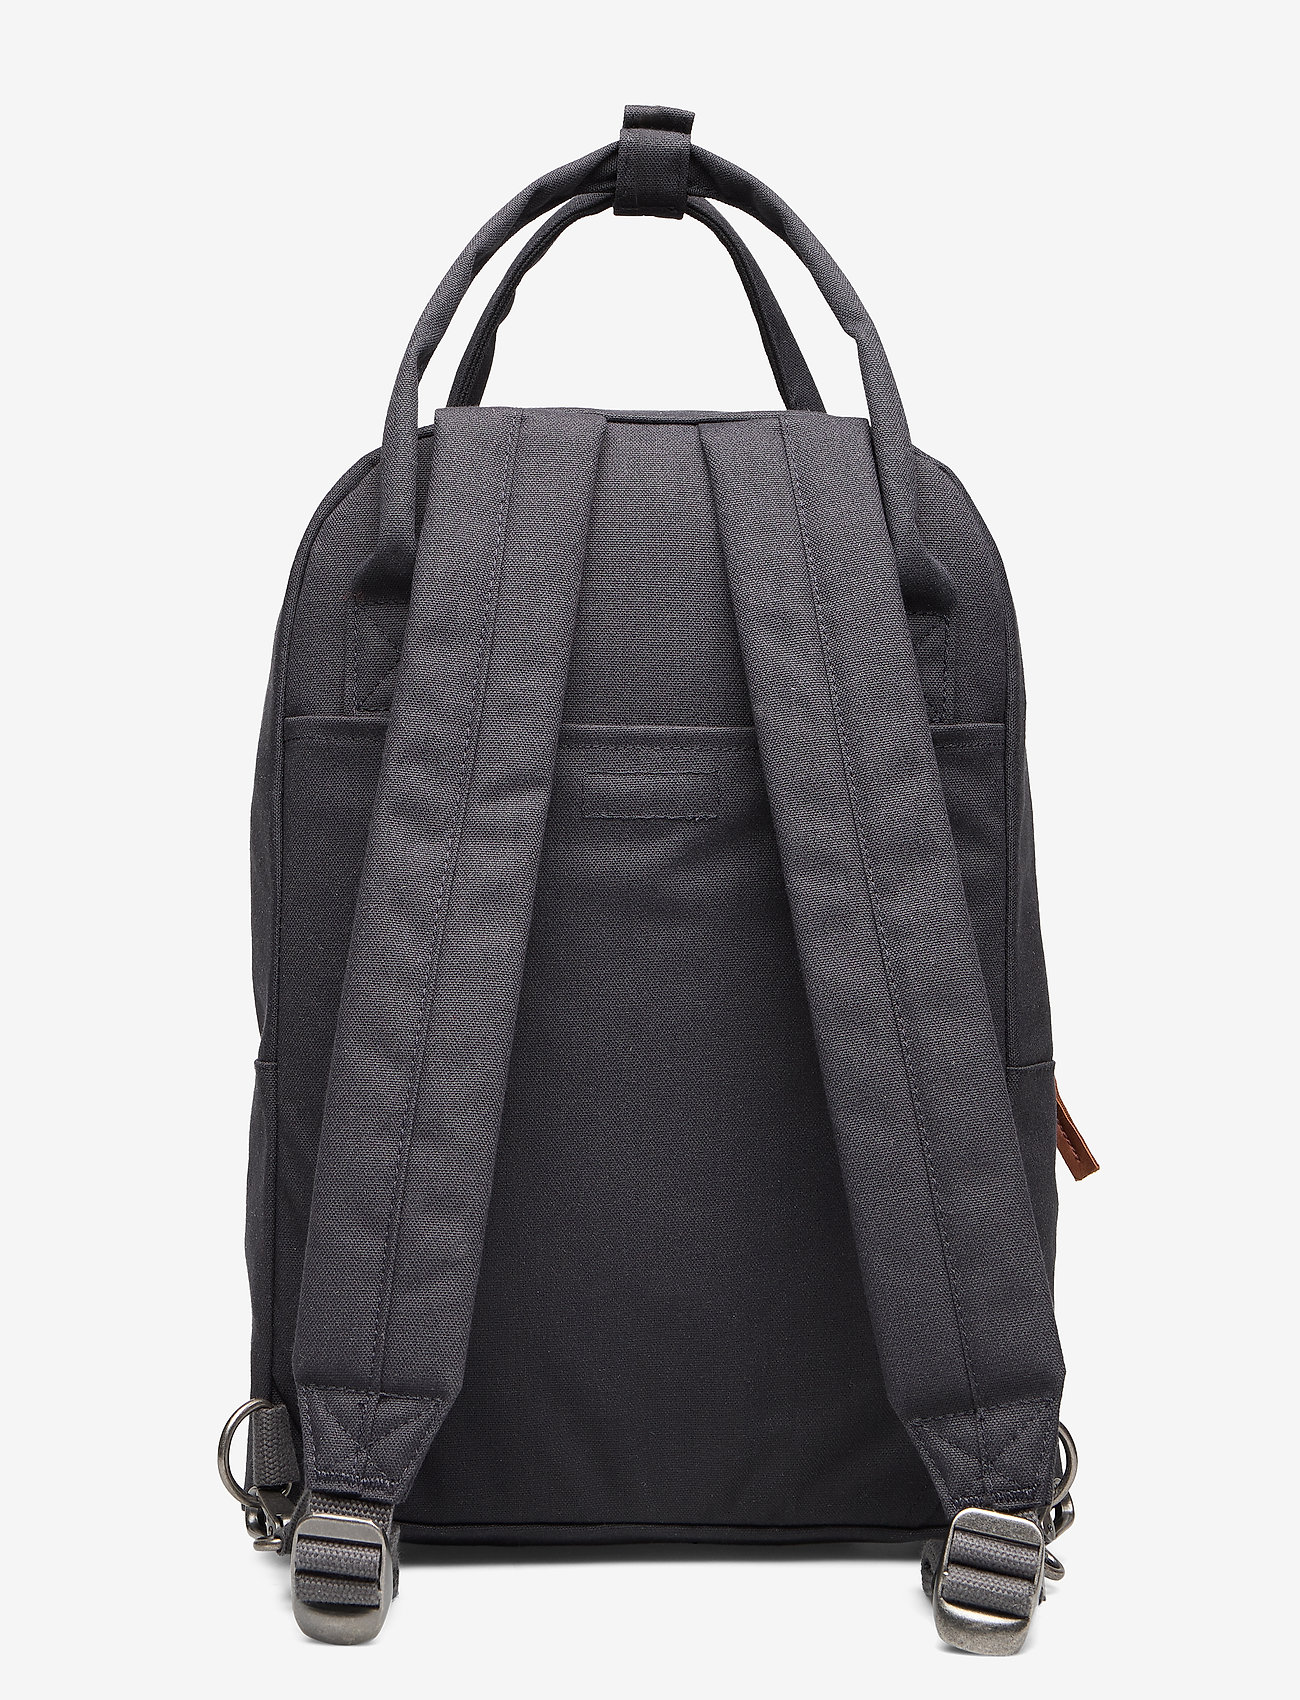 Eastpak - PADDED SHOP'R BLACK - ryggsäckar - opgrade dark - 1